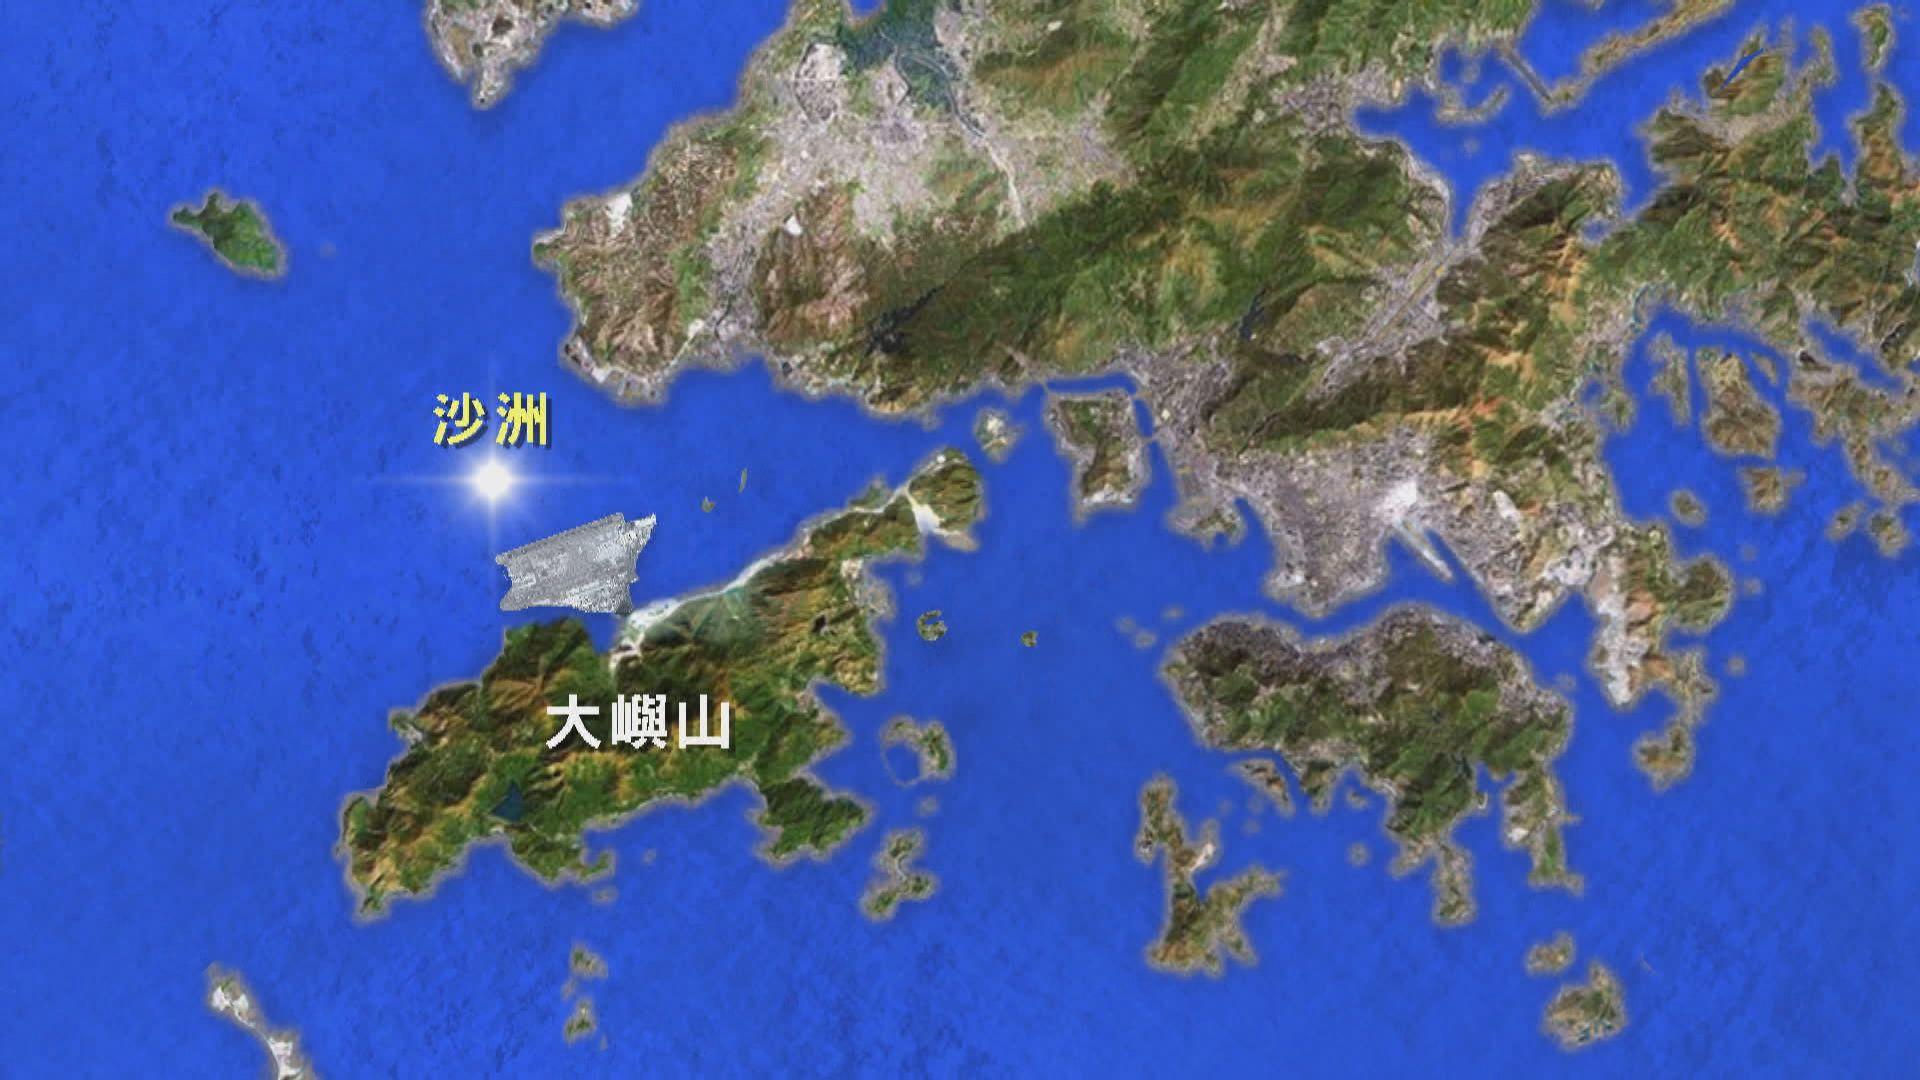 海關緝私艇在沙洲以南沉沒 五名海關人員墮海